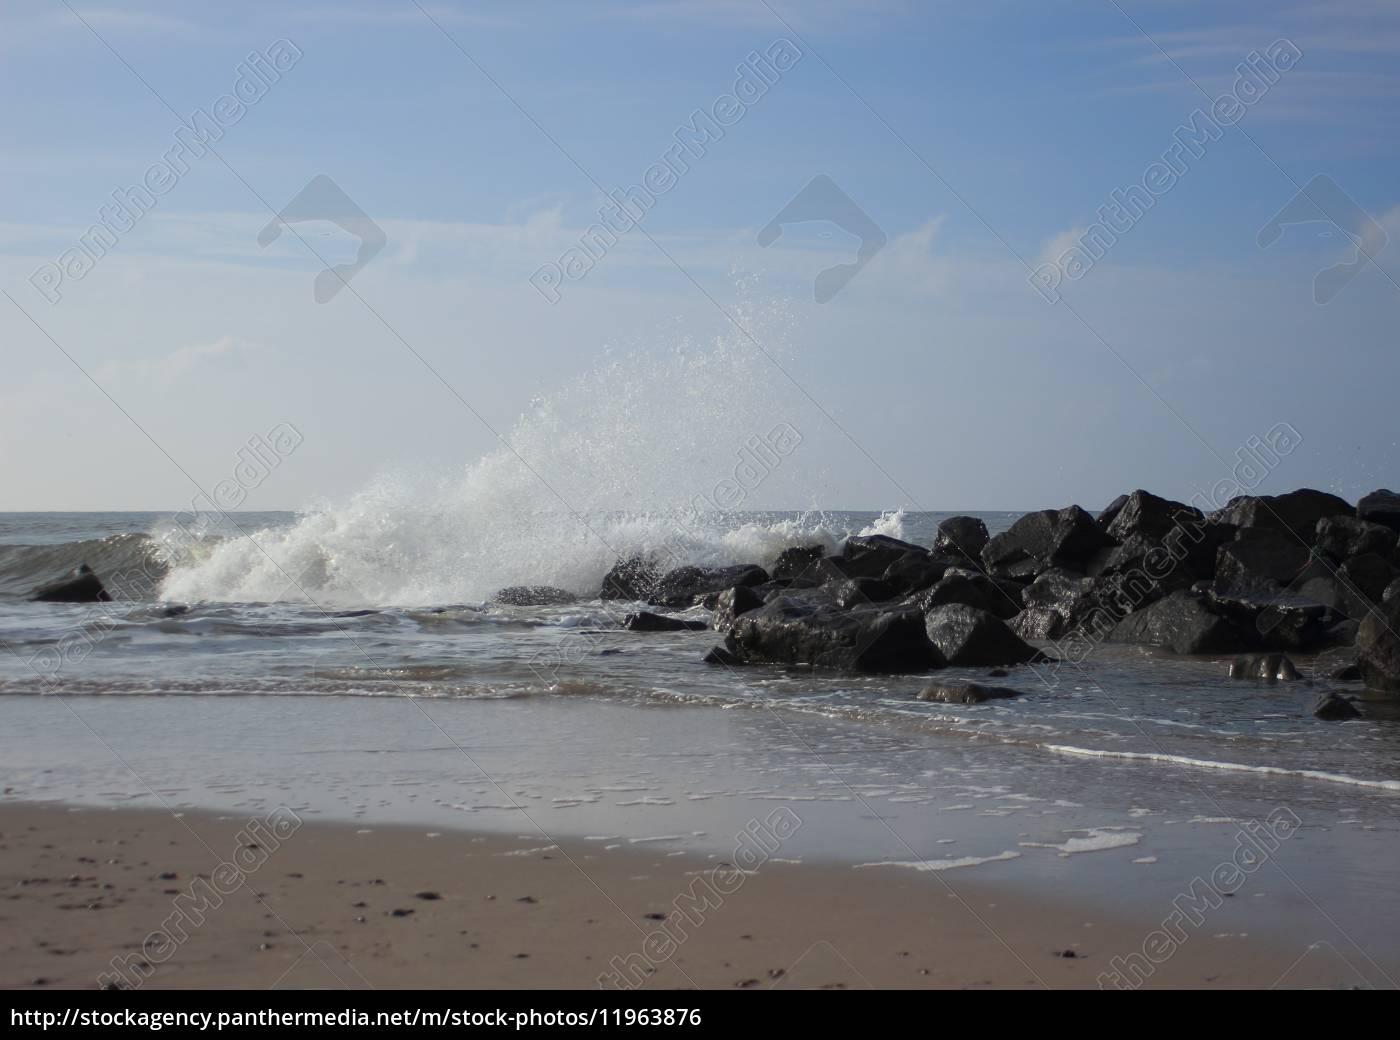 beach, at, ocean, with, breaking, waves - 11963876